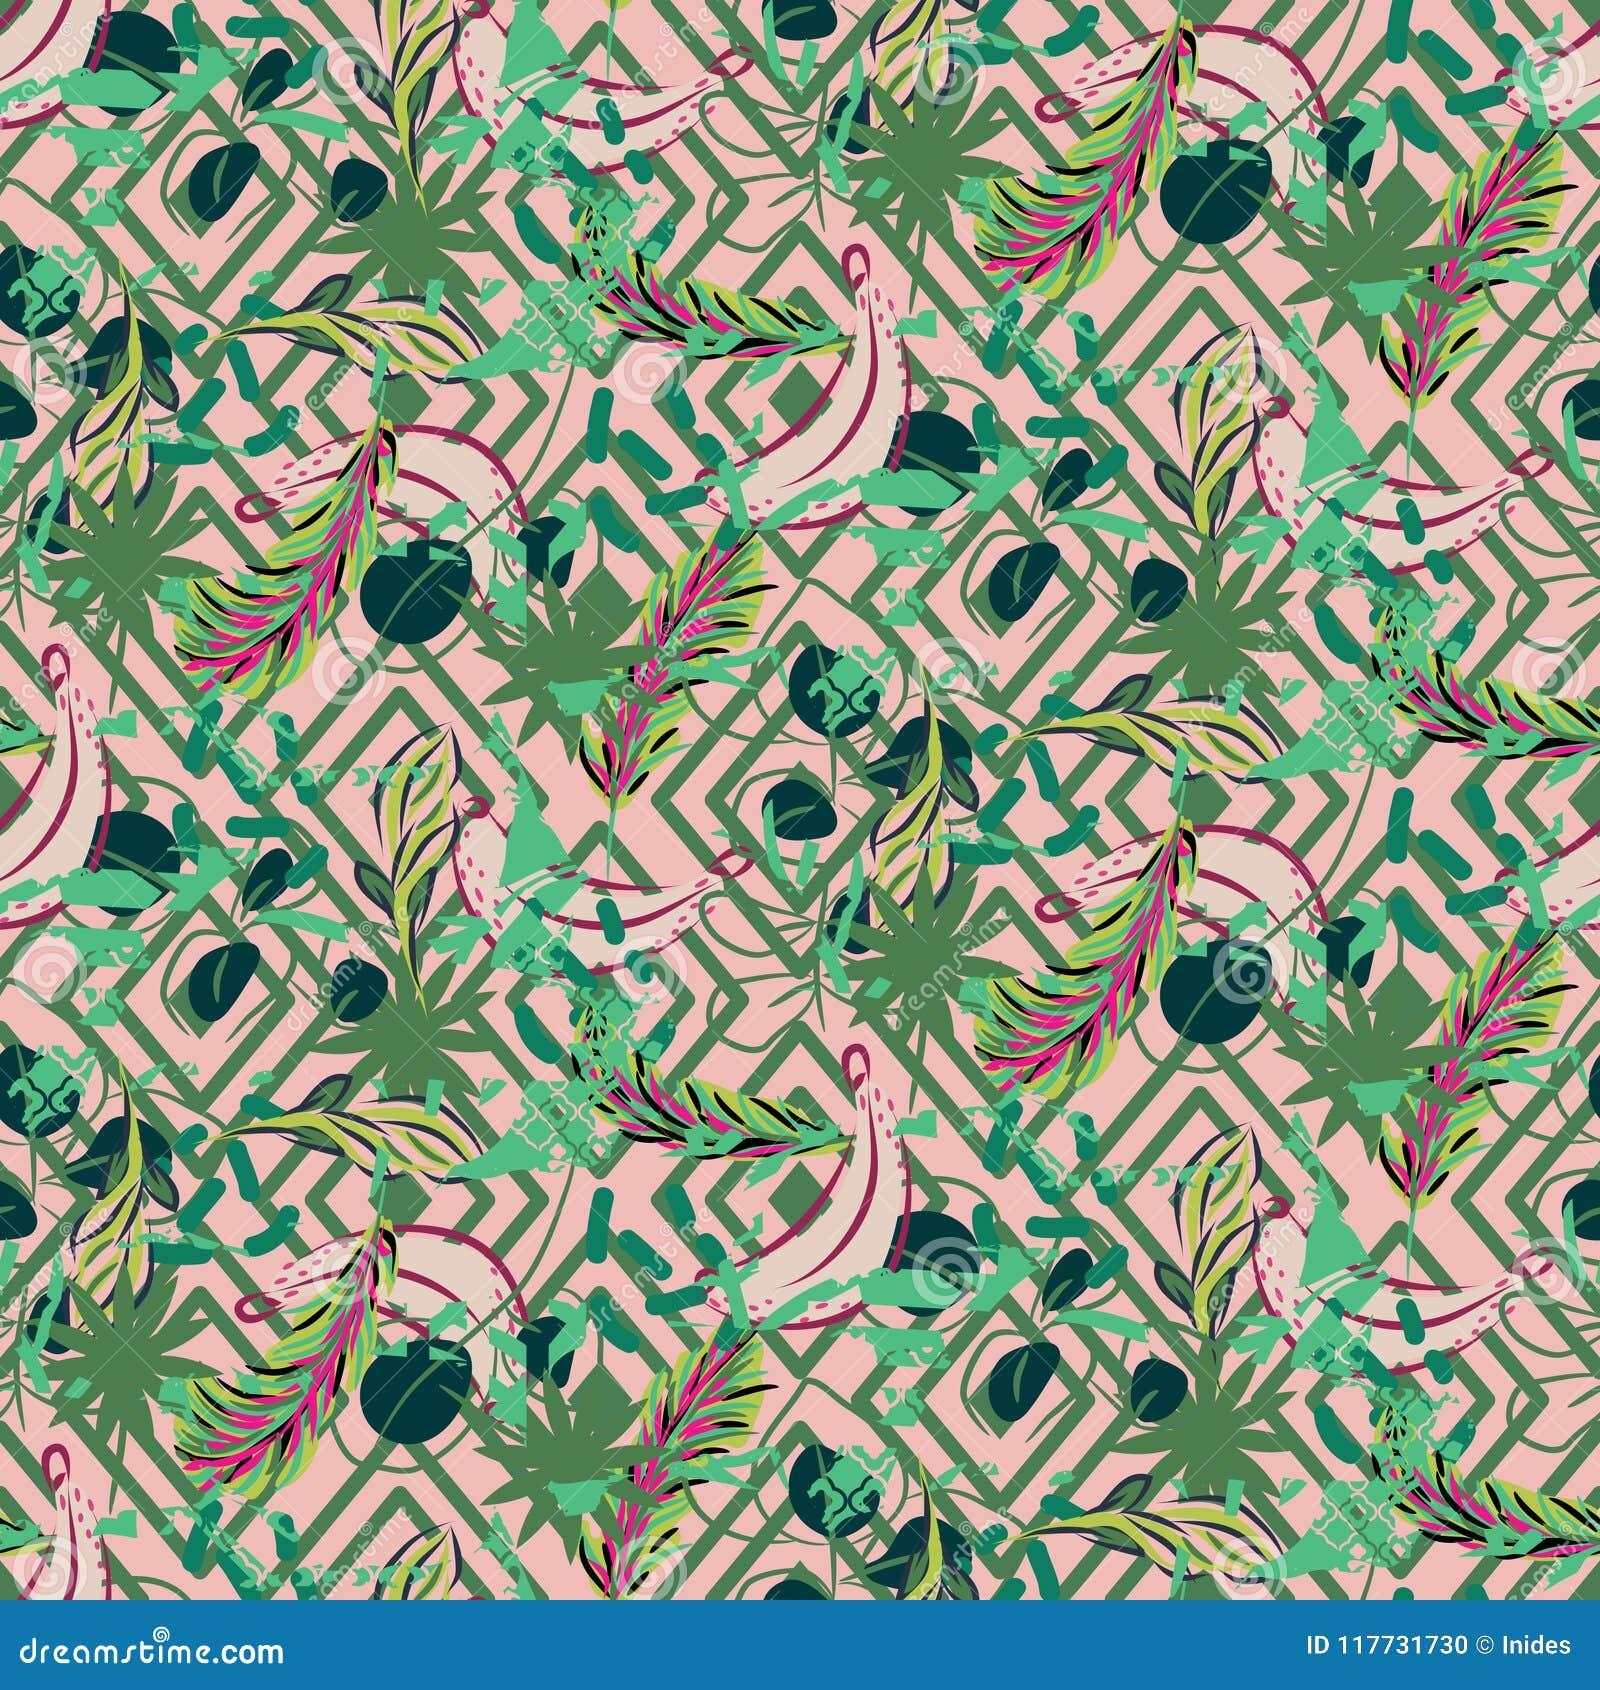 Modele Tropical De Paume D Usine Exotique De Jungle De Fusion Papier